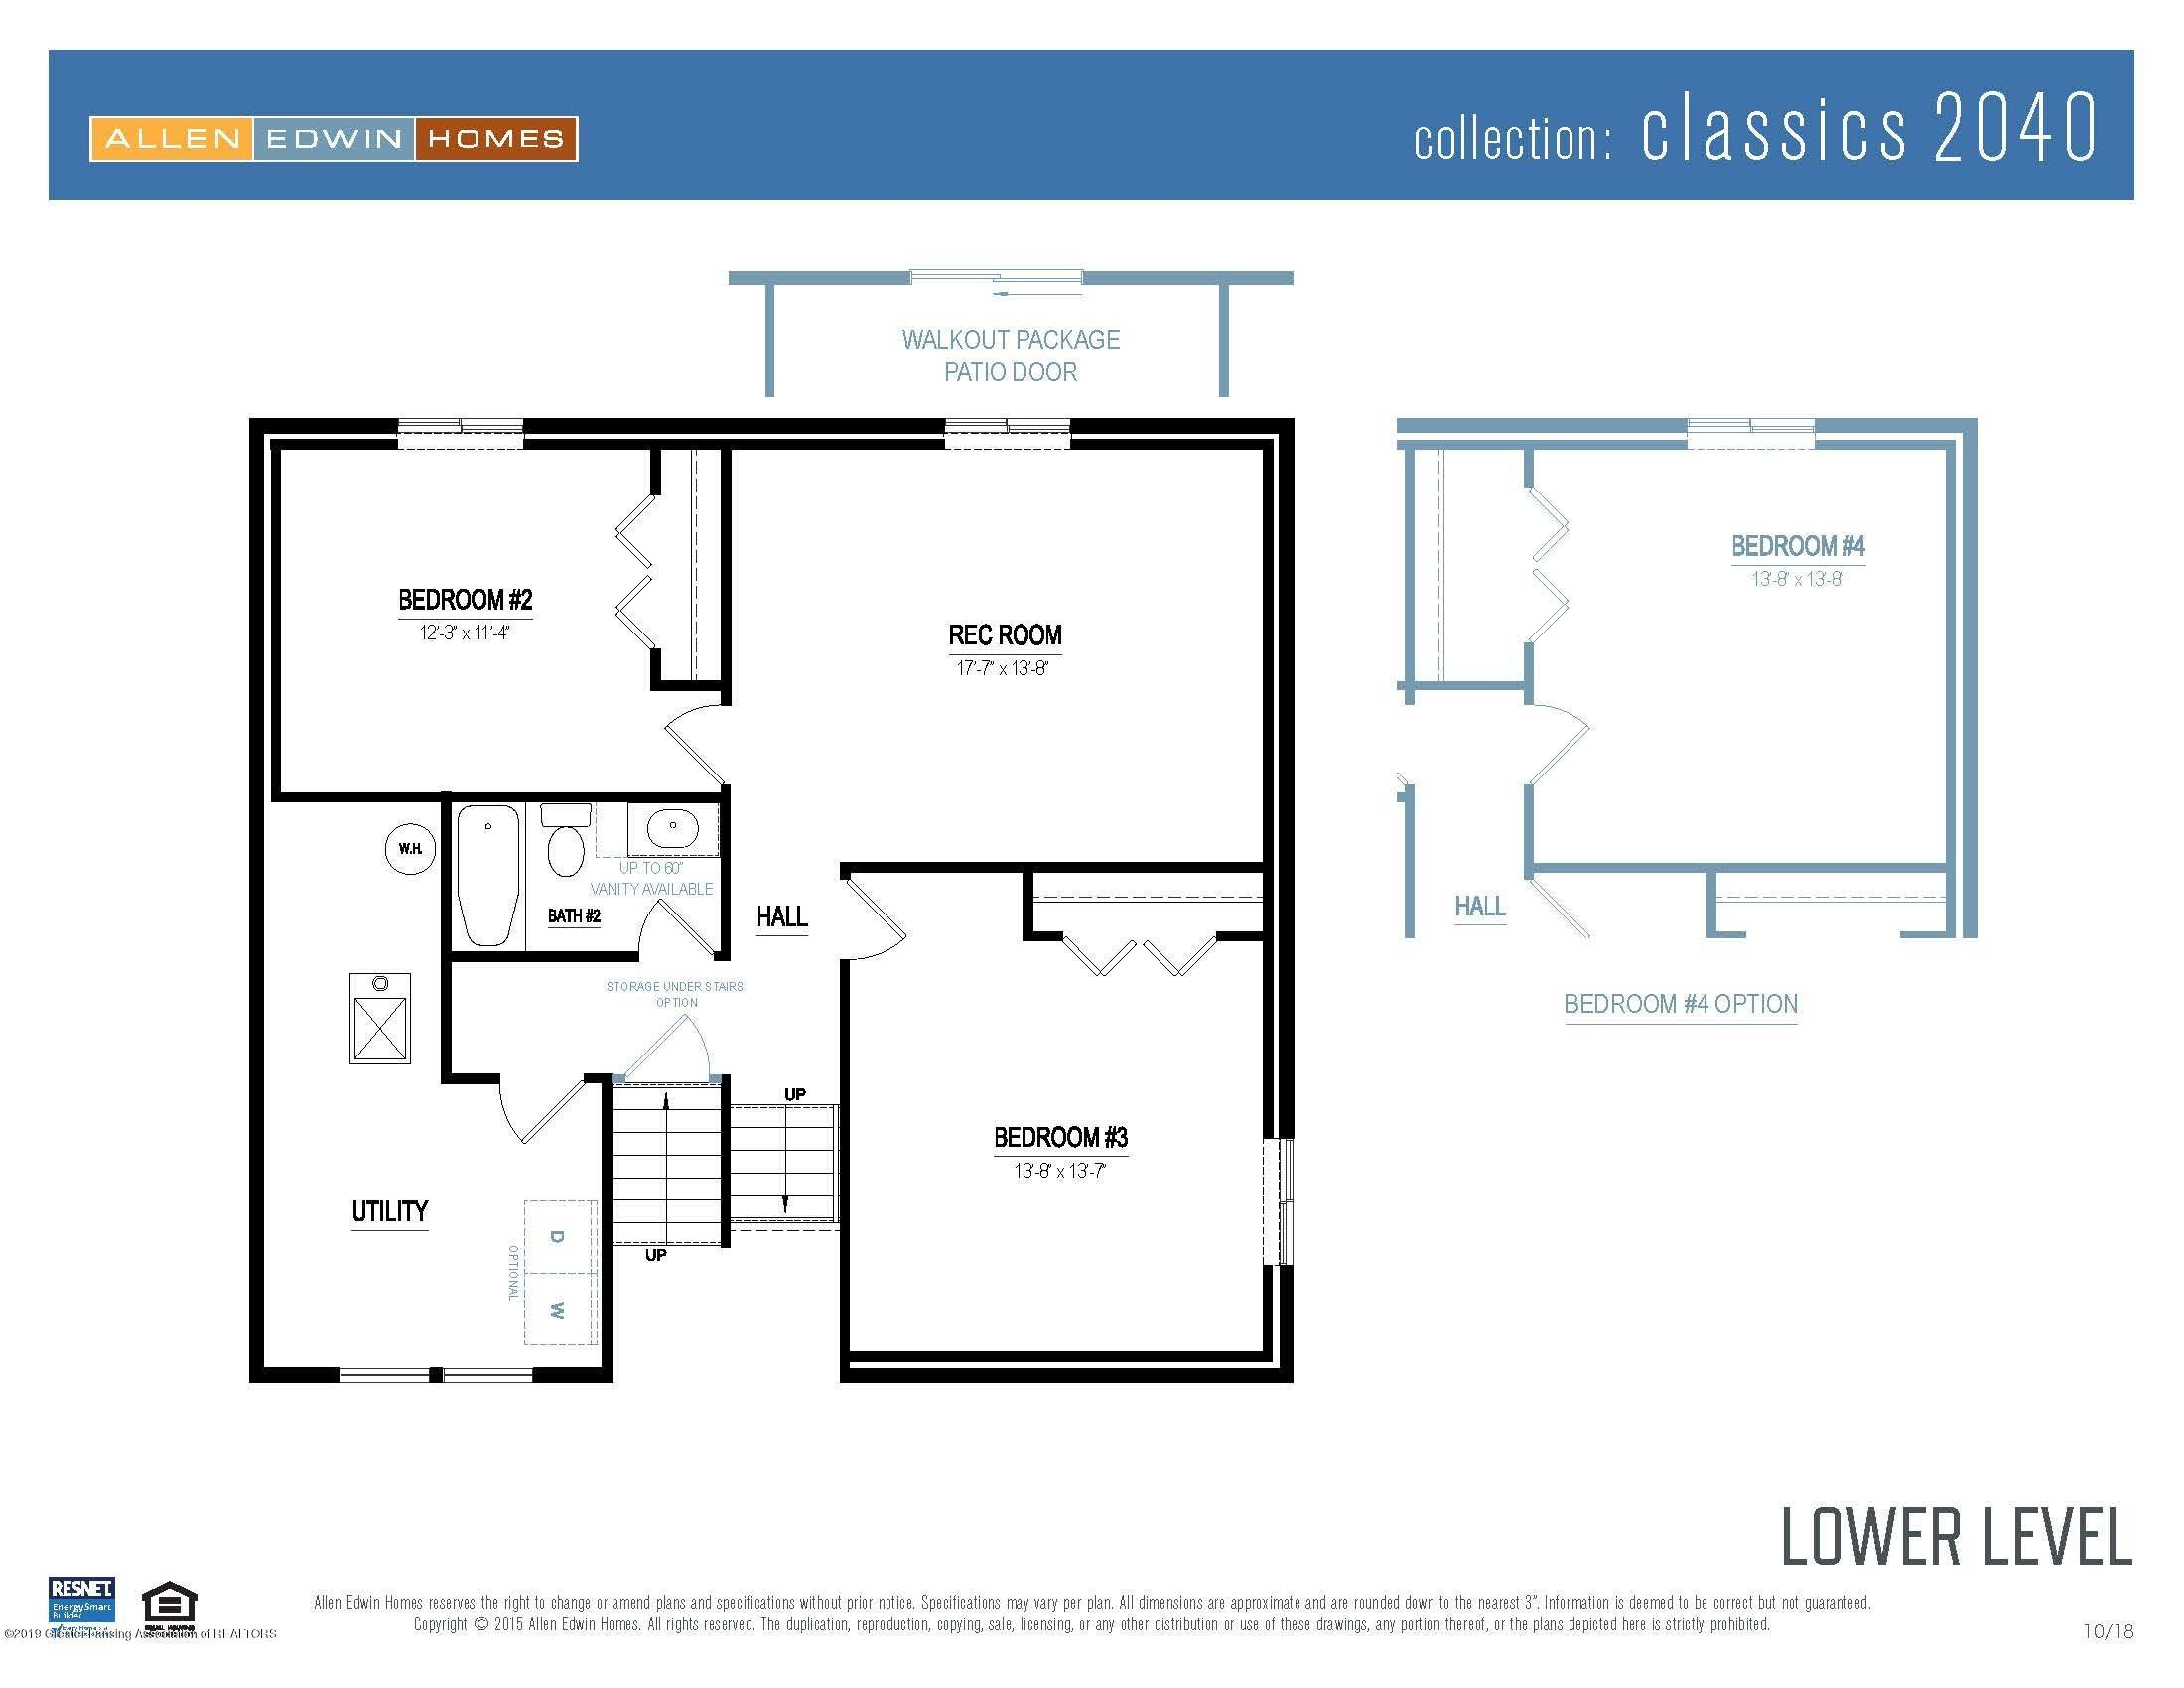 3532 Fernwood Ln - Classics 2040 V8.0a Lower Level - 16